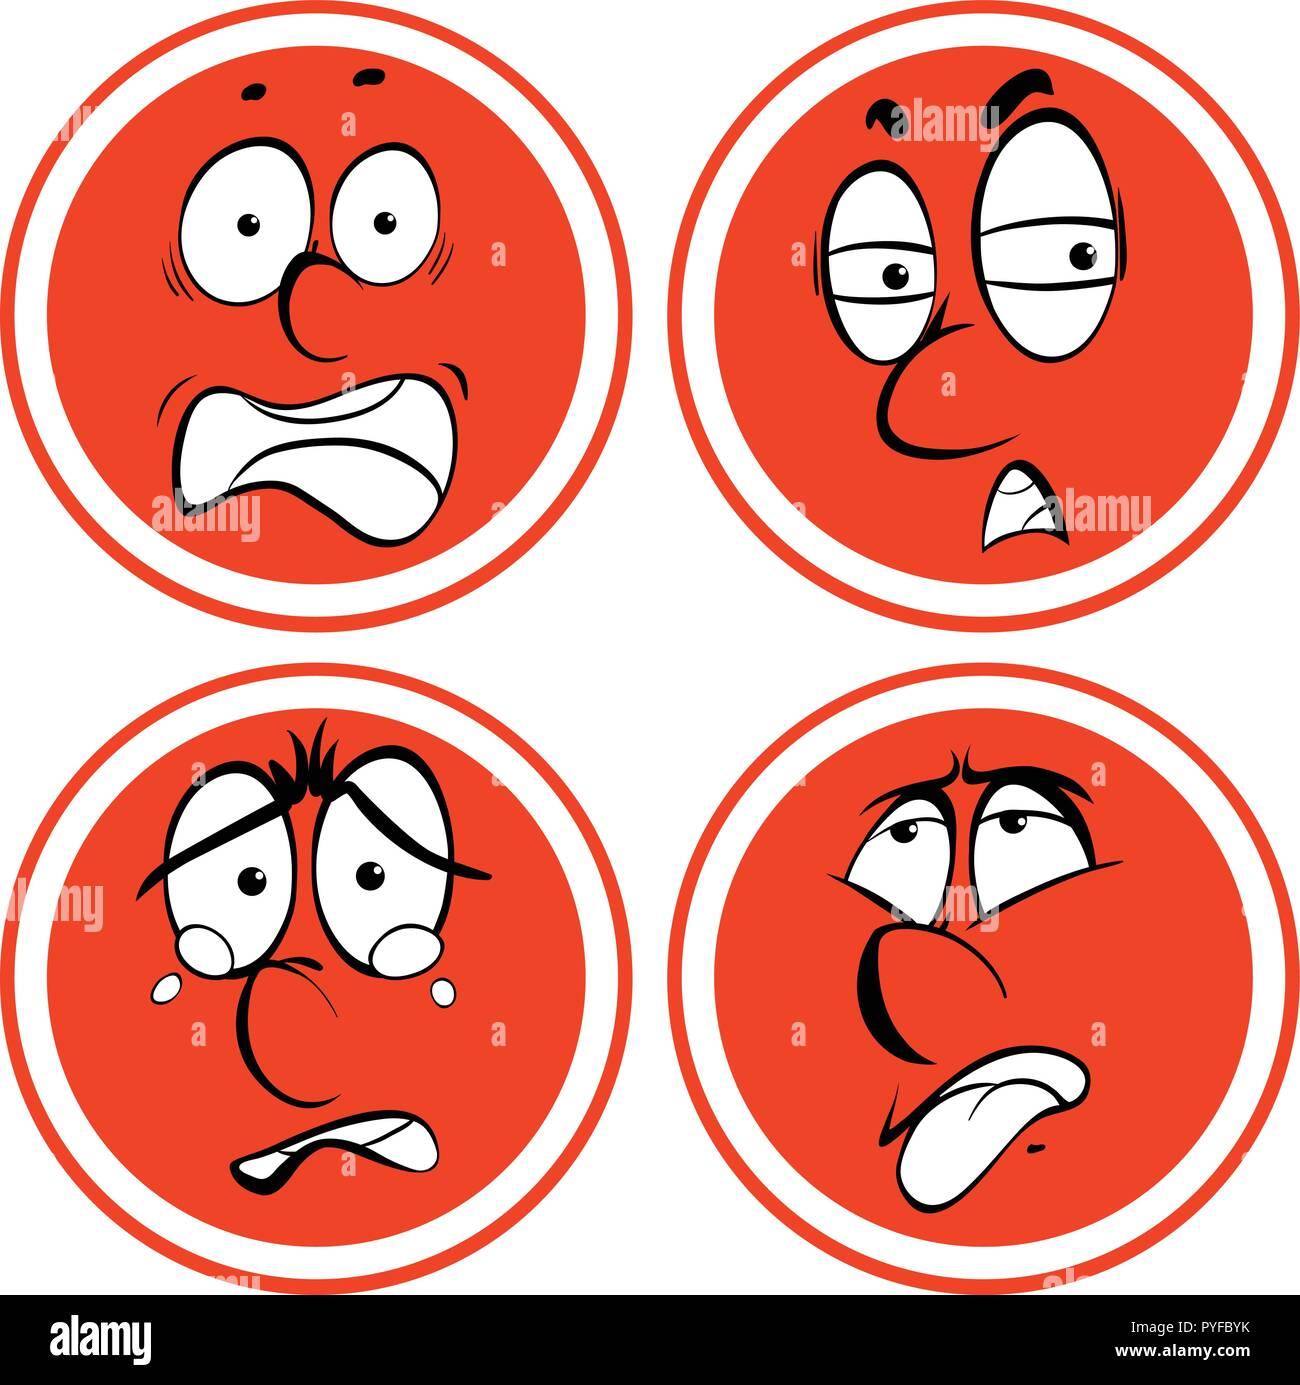 Las expresiones faciales de círculo rojo ilustración Ilustración del Vector